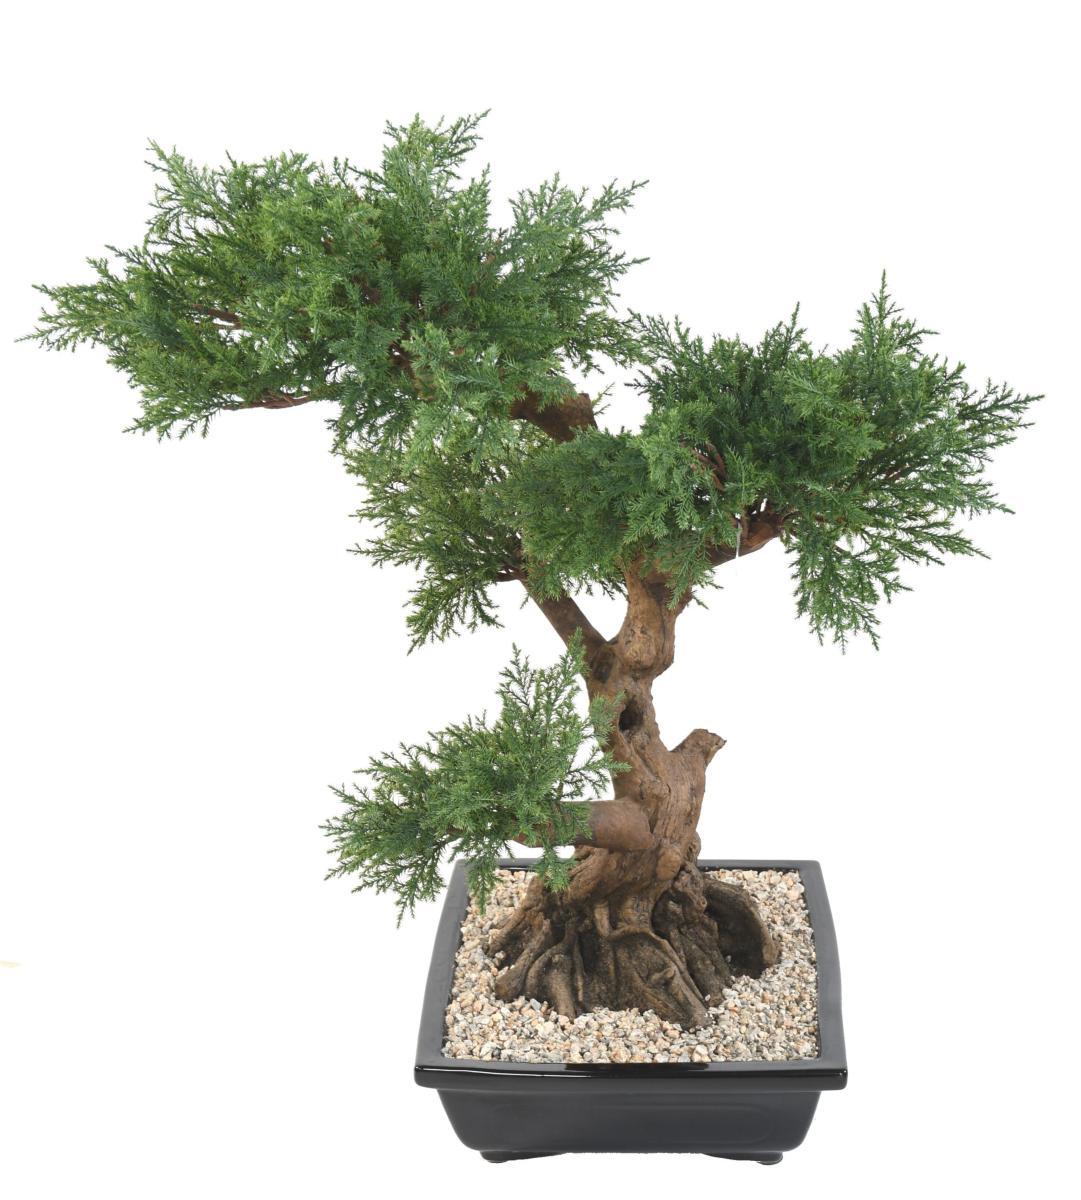 arbre artificiel bonsa juniperus en coupe plante synth tique int rieur cm. Black Bedroom Furniture Sets. Home Design Ideas